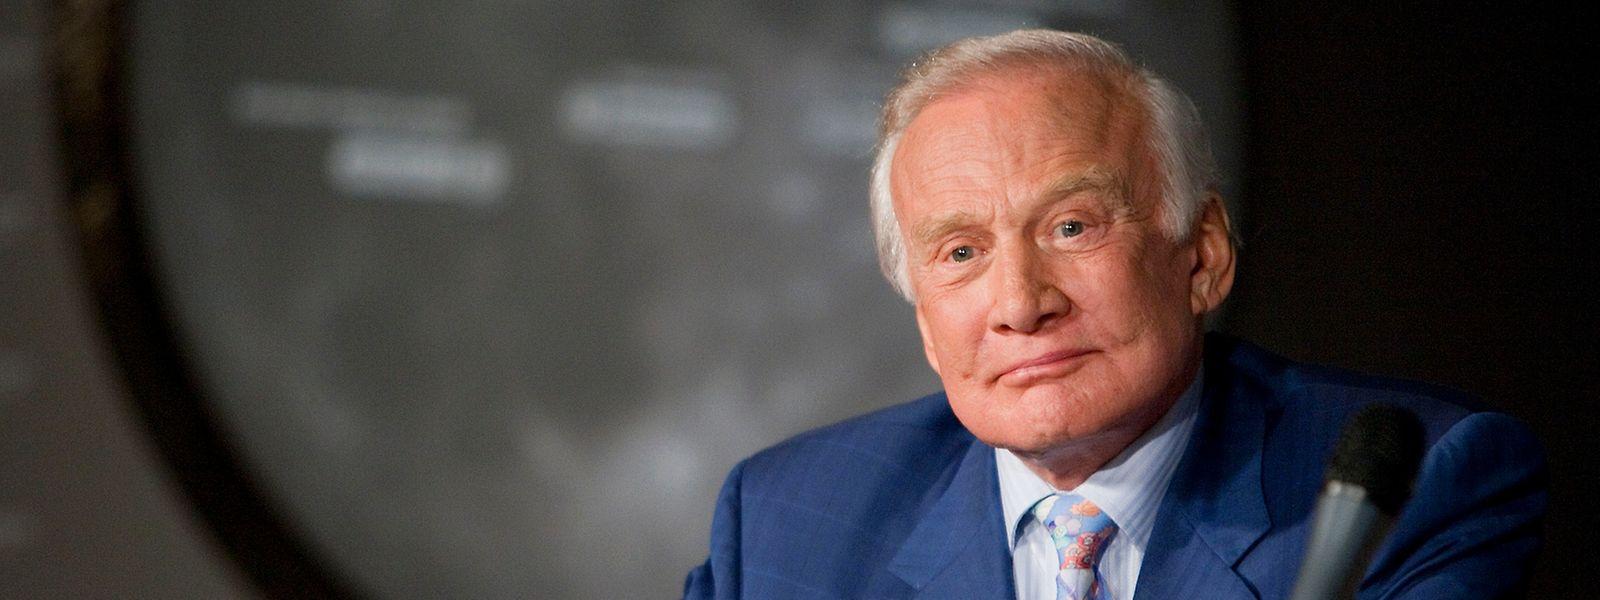 Buuz Aldrin musste seine Teilnahme an der Südpol-Expedition abbrechen. Sein Zustand sei aber stabil.